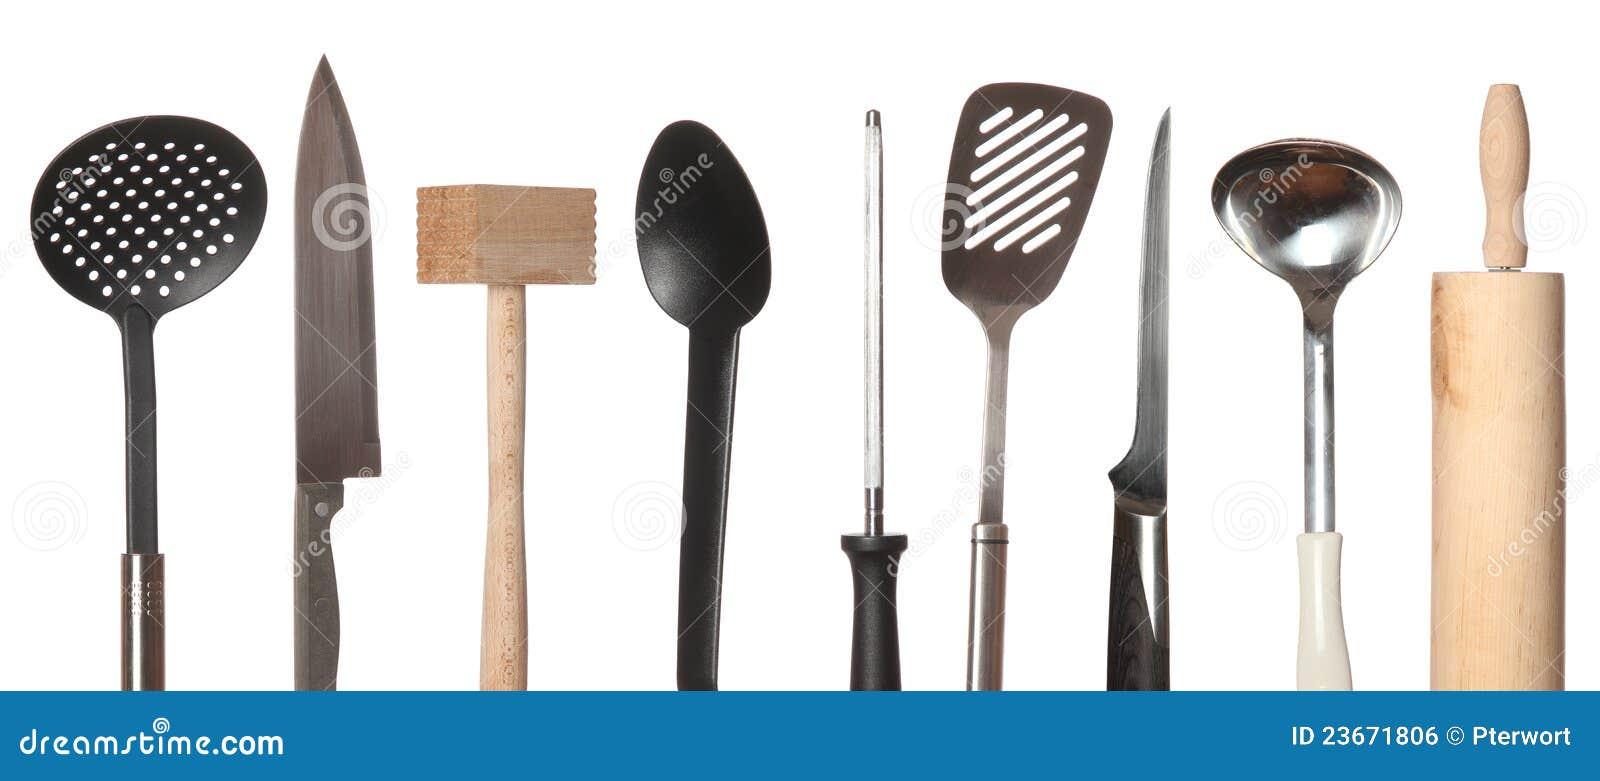 Contemporáneo Utensillos De Cocina Fotos - Ideas de Decoración de ...